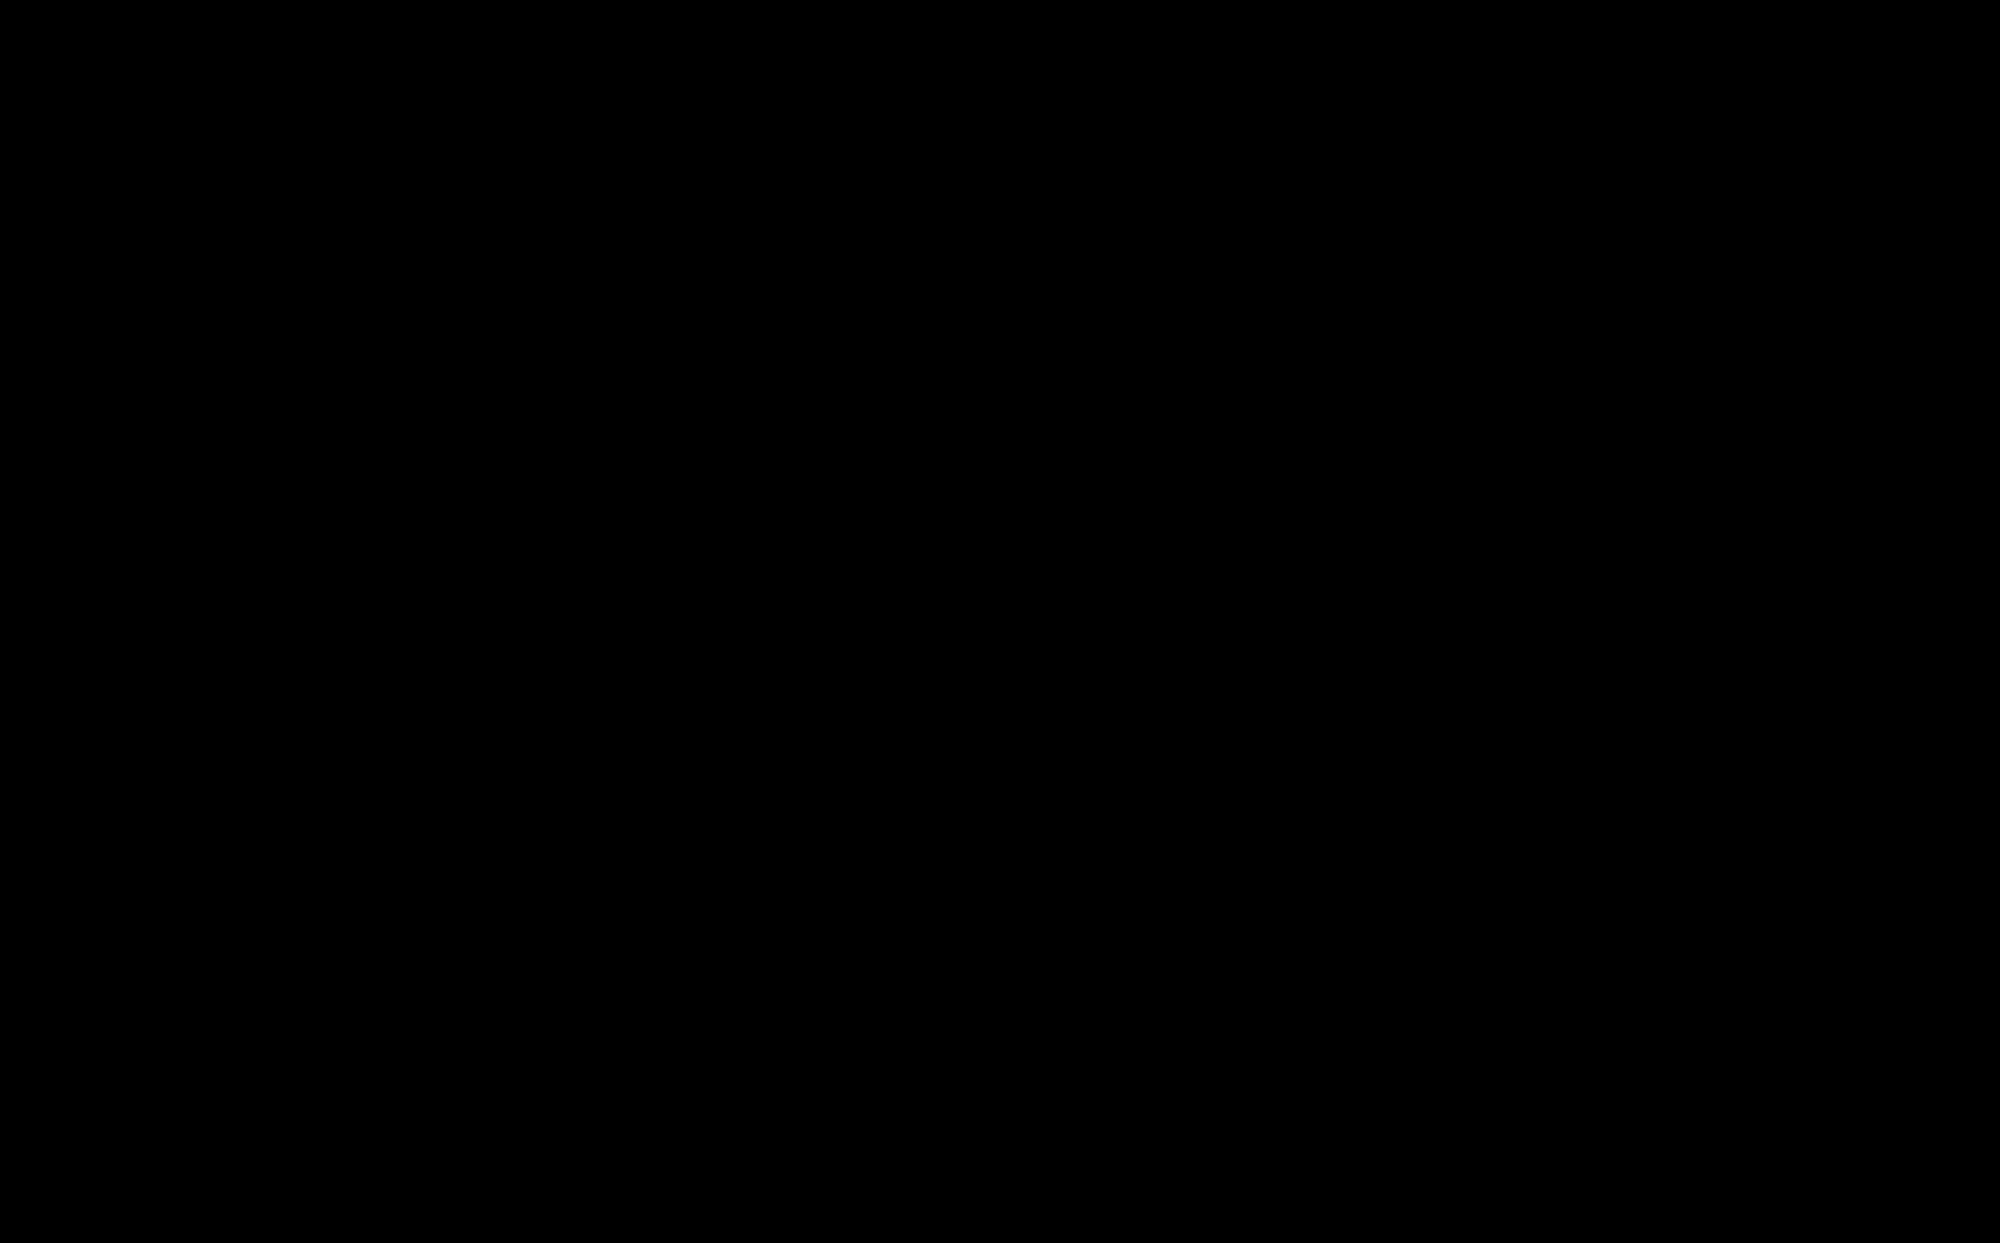 здесь картинки прямоугольный параллелепипед нужно ориентироваться